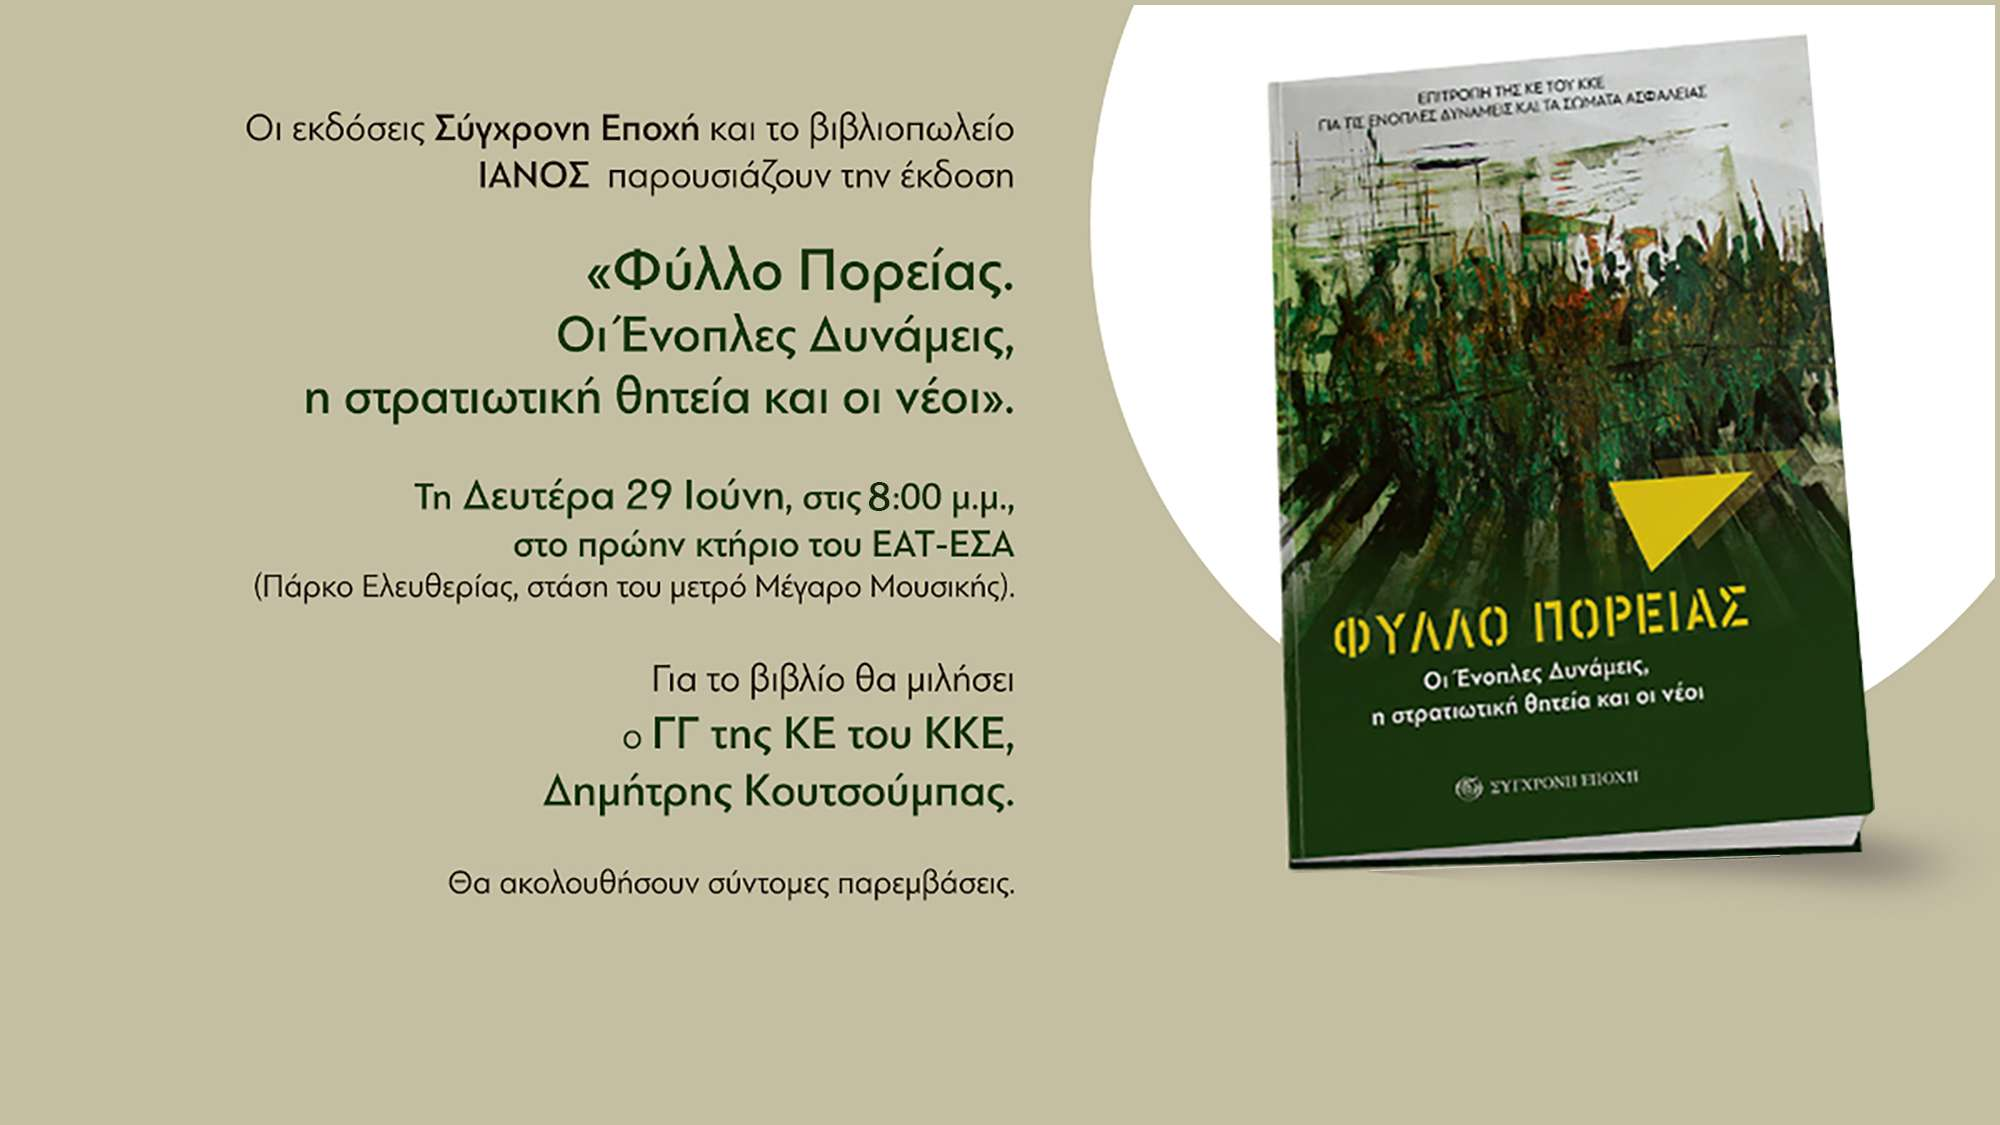 Βιβλιοπαρουσίαση: Η Σύγχρονη Εποχή και ο ΙΑΝΟΣ παρουσιάζουν το «Φύλλο Πορείας»